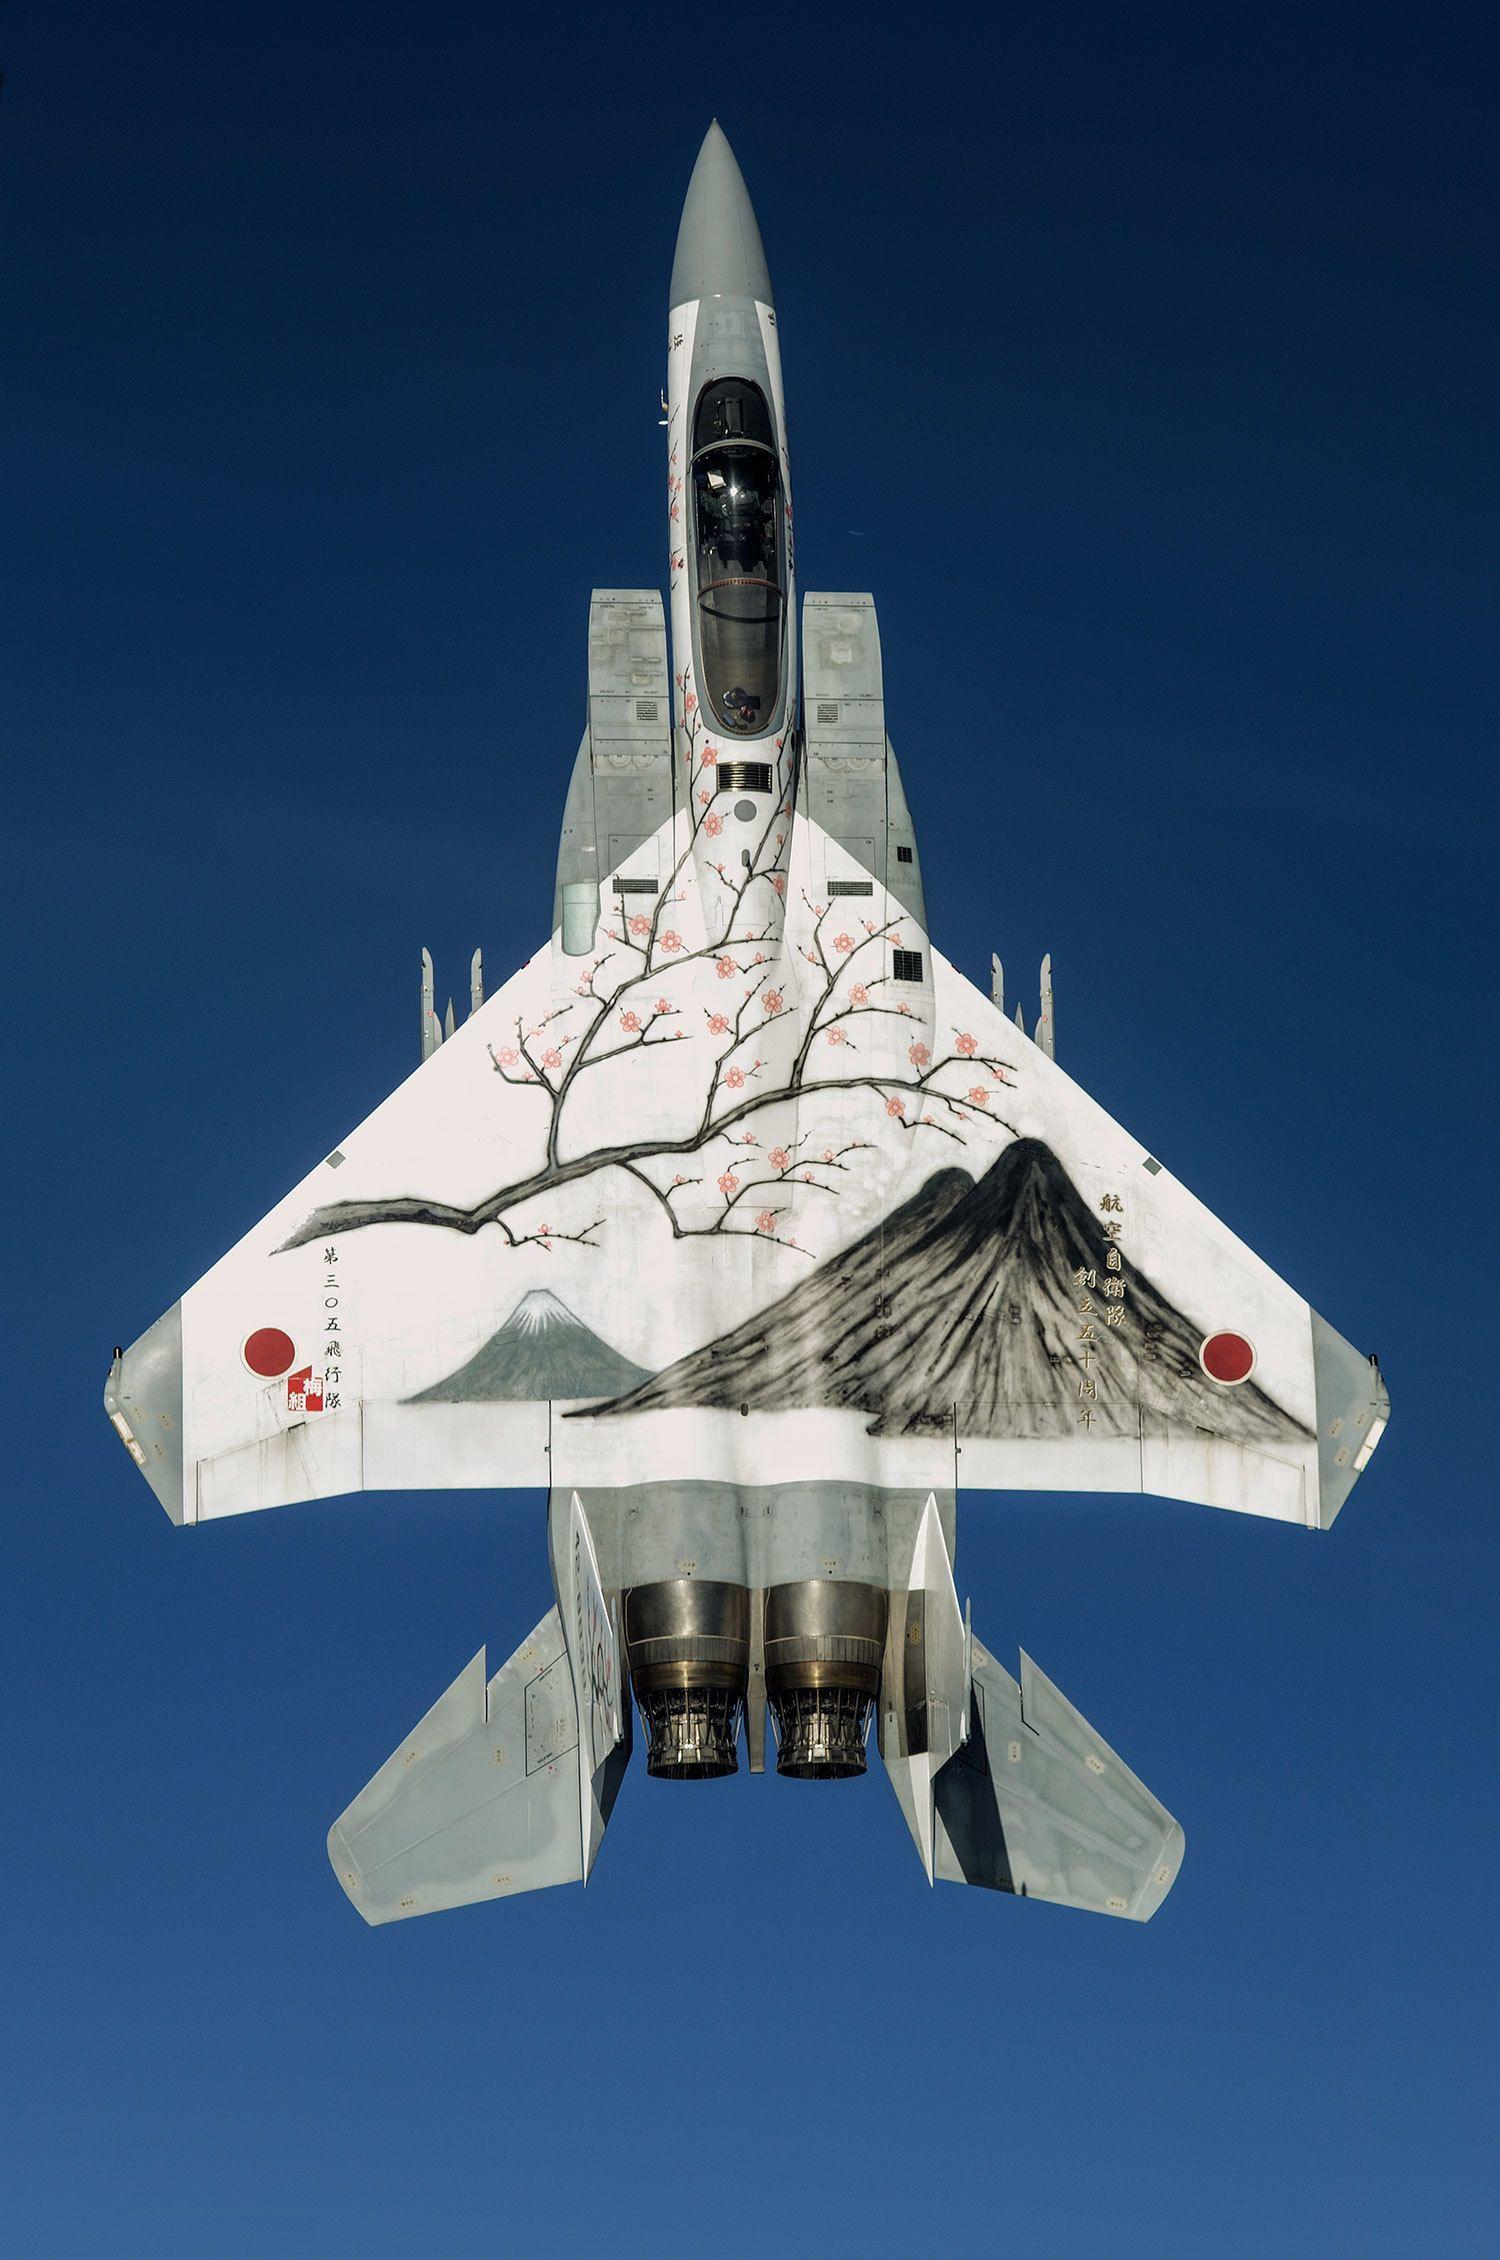 ボーイングF-15J(生産国アメリカ) 「梅に筑波山と富士山」を模した航空自衛隊の記念塗装機